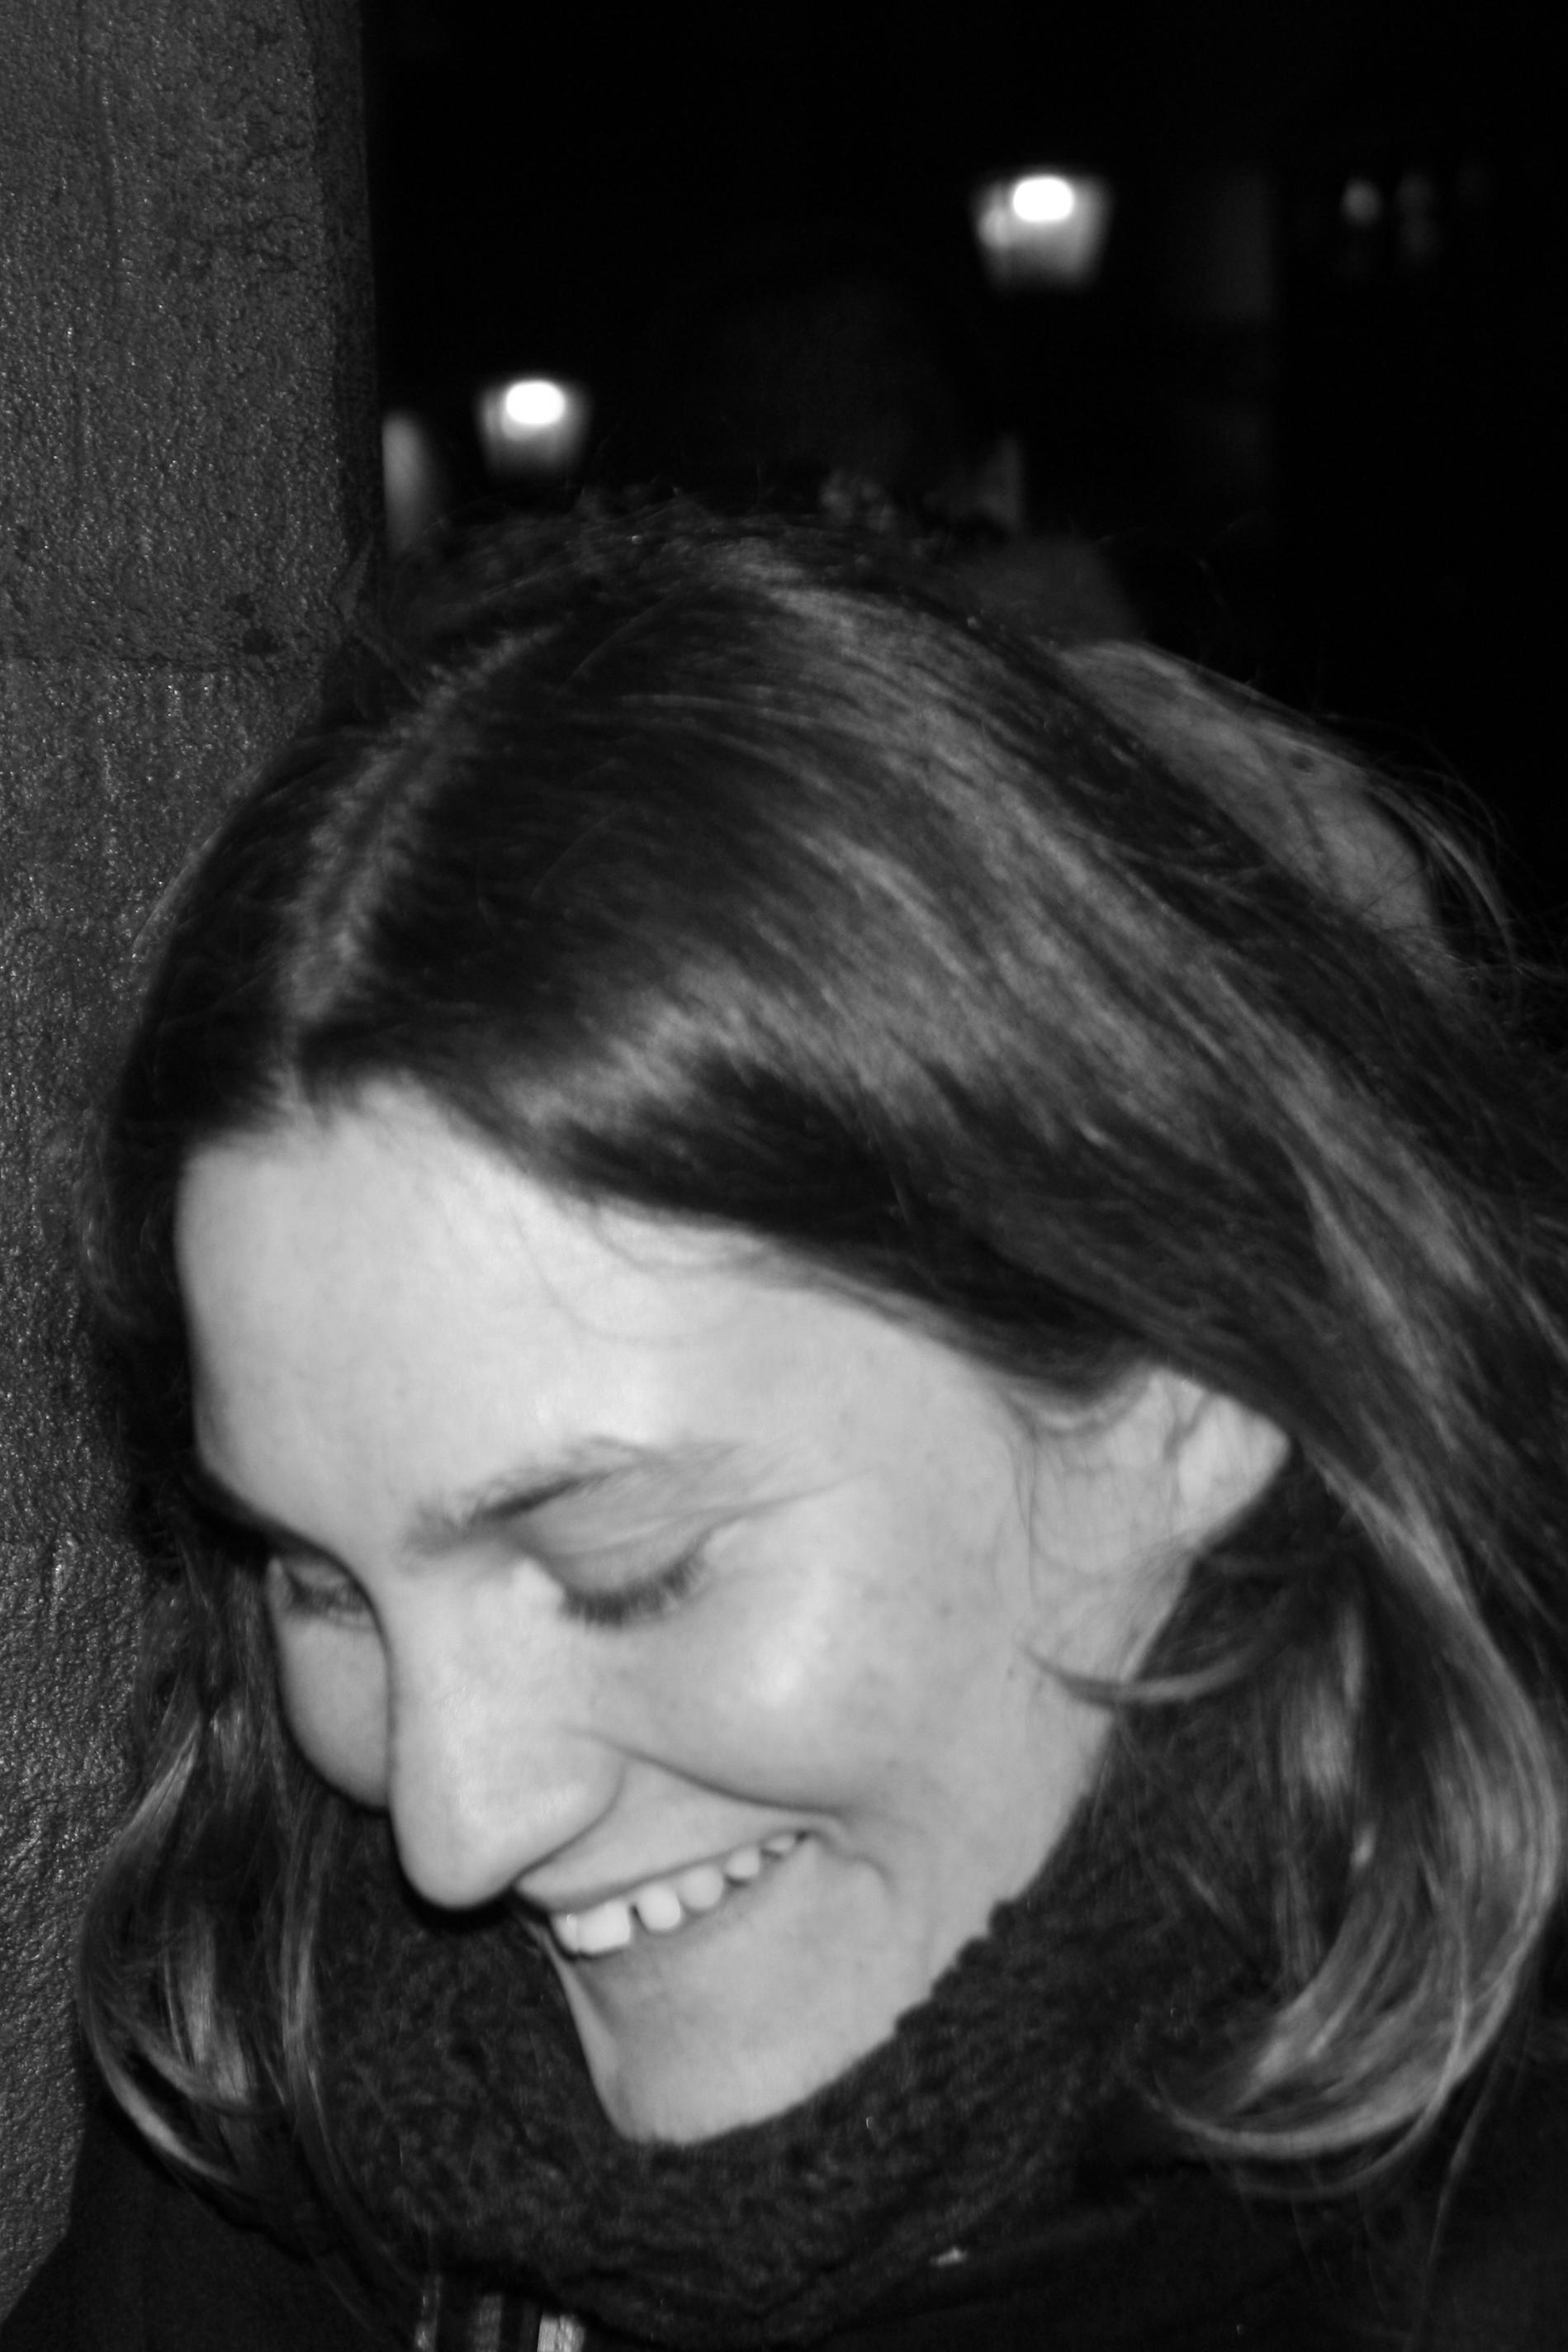 Ana Cecilia Adjiman